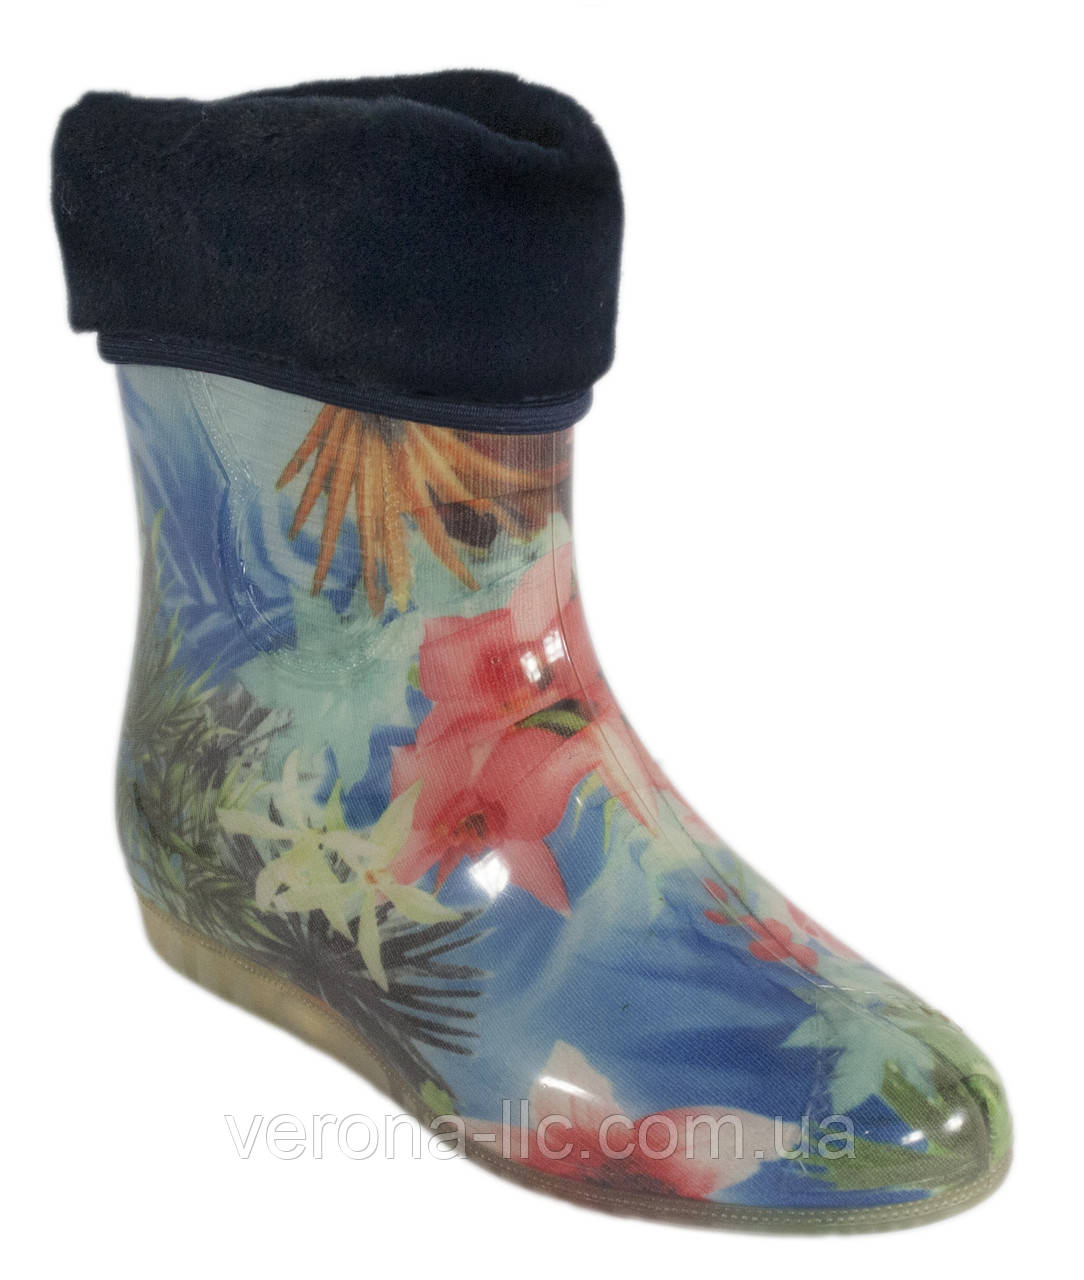 ed0589503 Сапоги резиновые женские силиконовые с мехом - Производство обуви